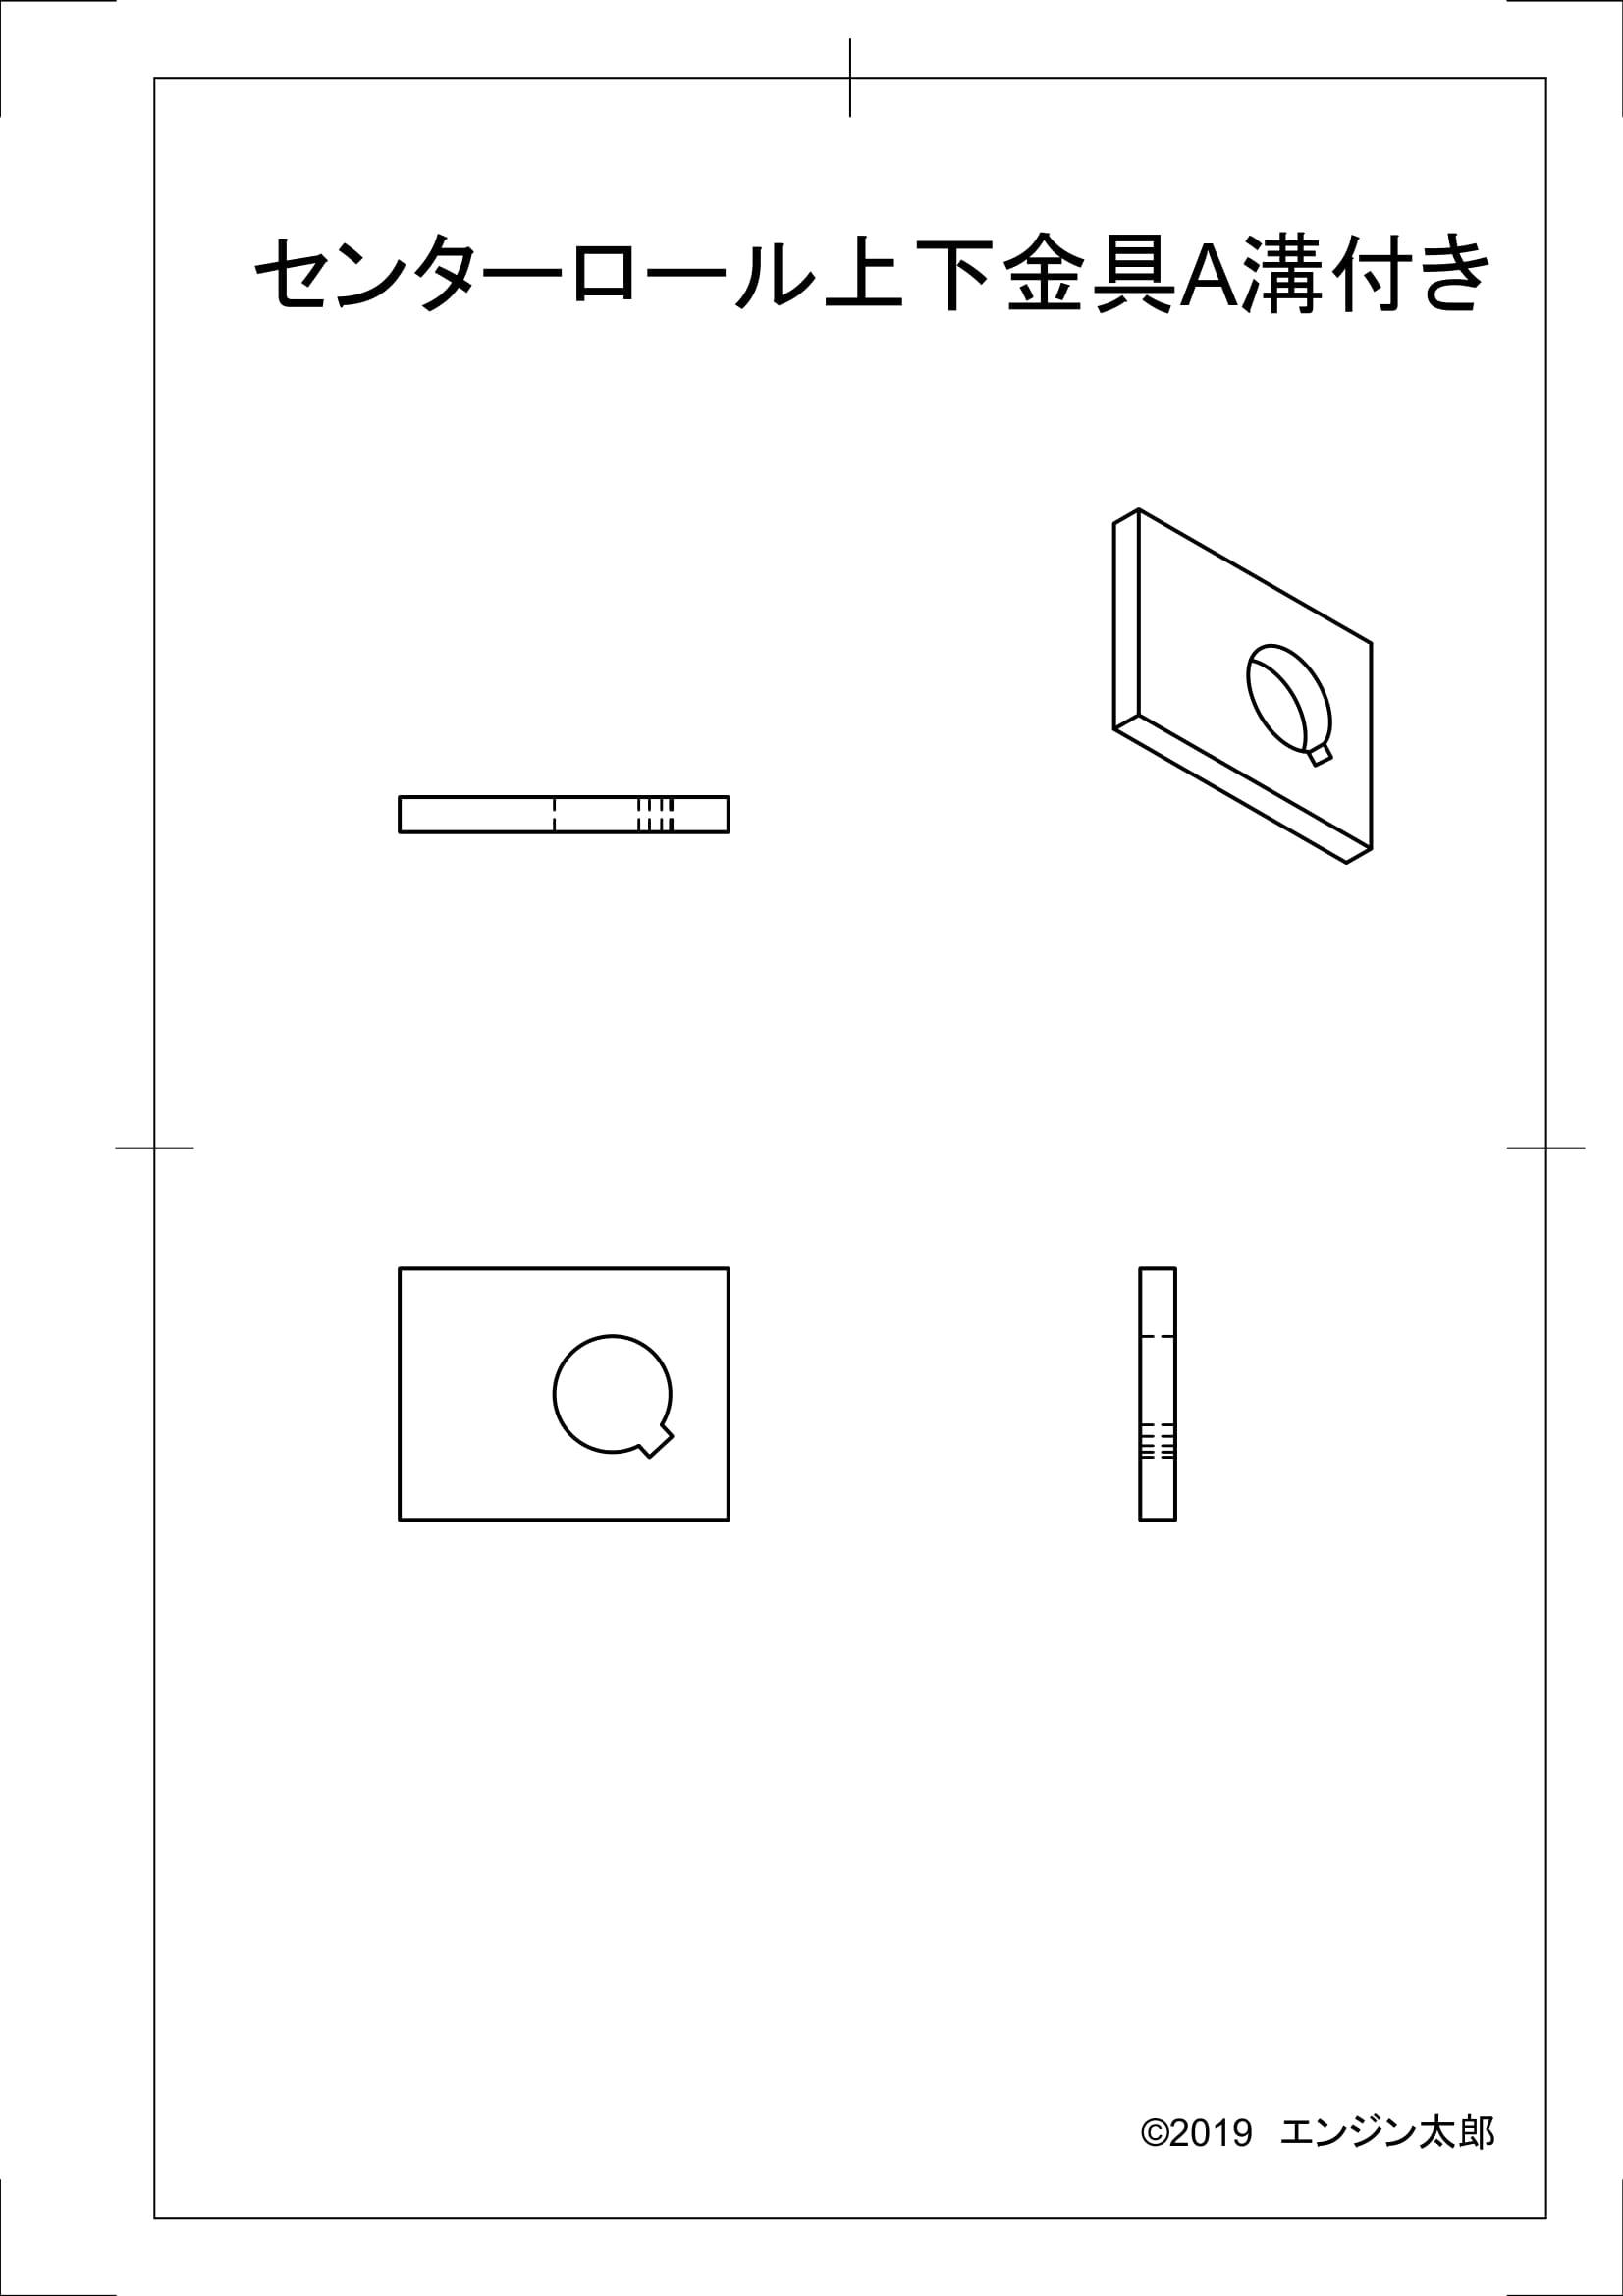 19チューブローラー2_センターロール上下金具A1溝付き 図面-1